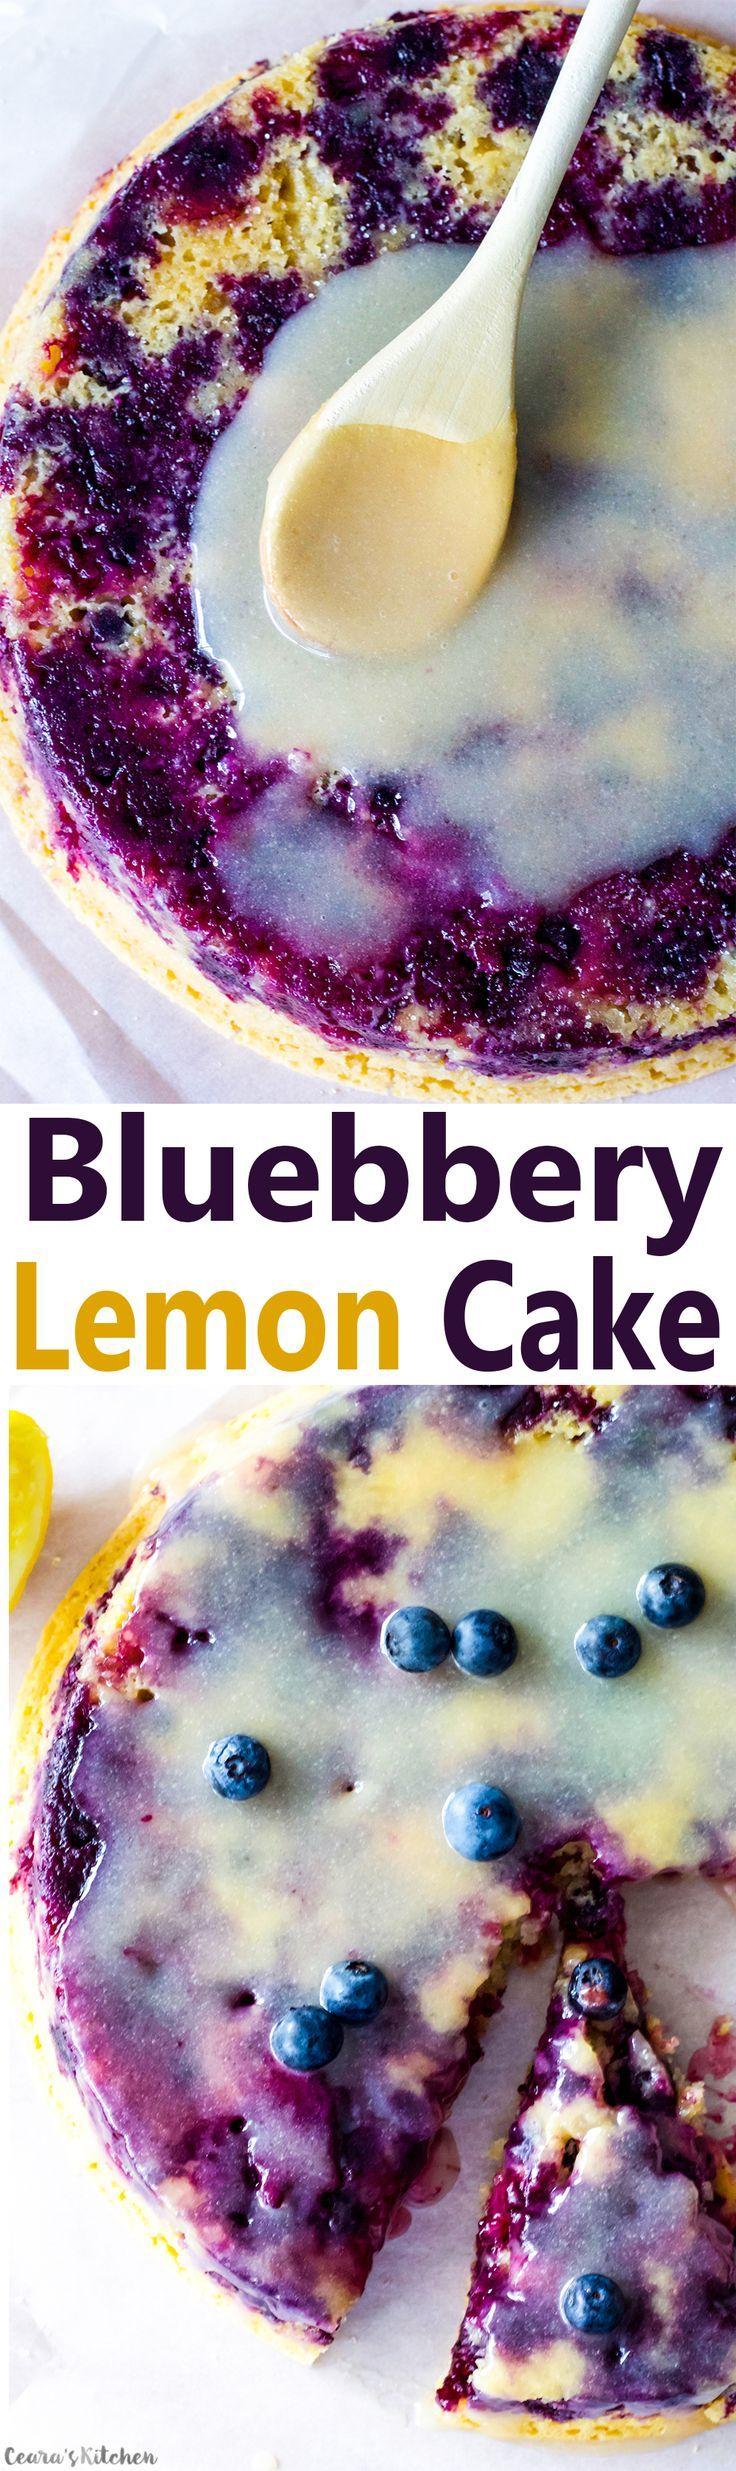 http://tipsalud.com Moist, soft & sweet #Vegan Lemon Blueberry Cake made with fresh lemon juice…